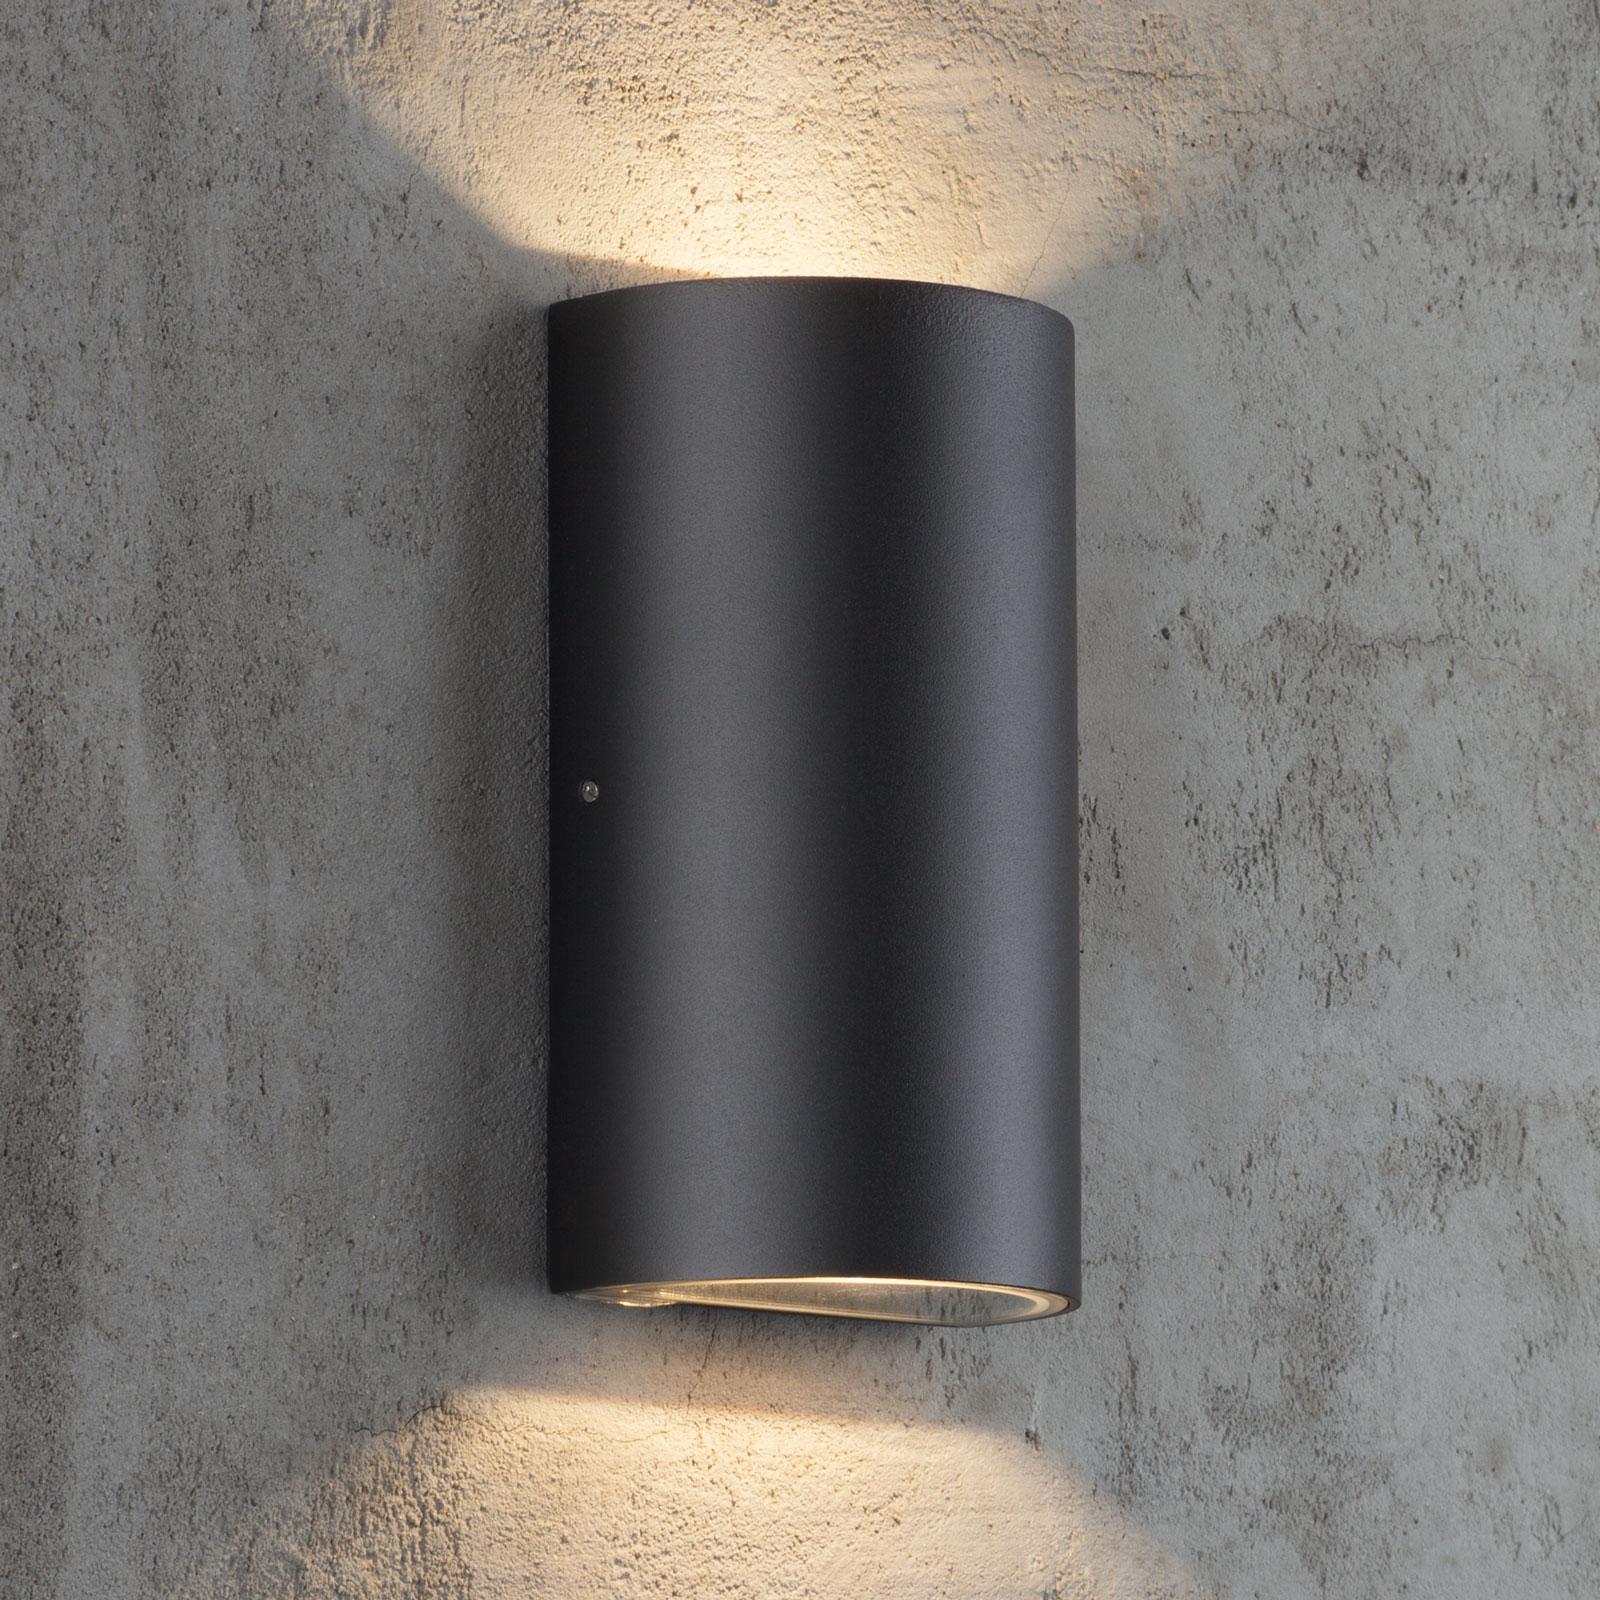 Utendørs LED-vegglampe Rold, rund form